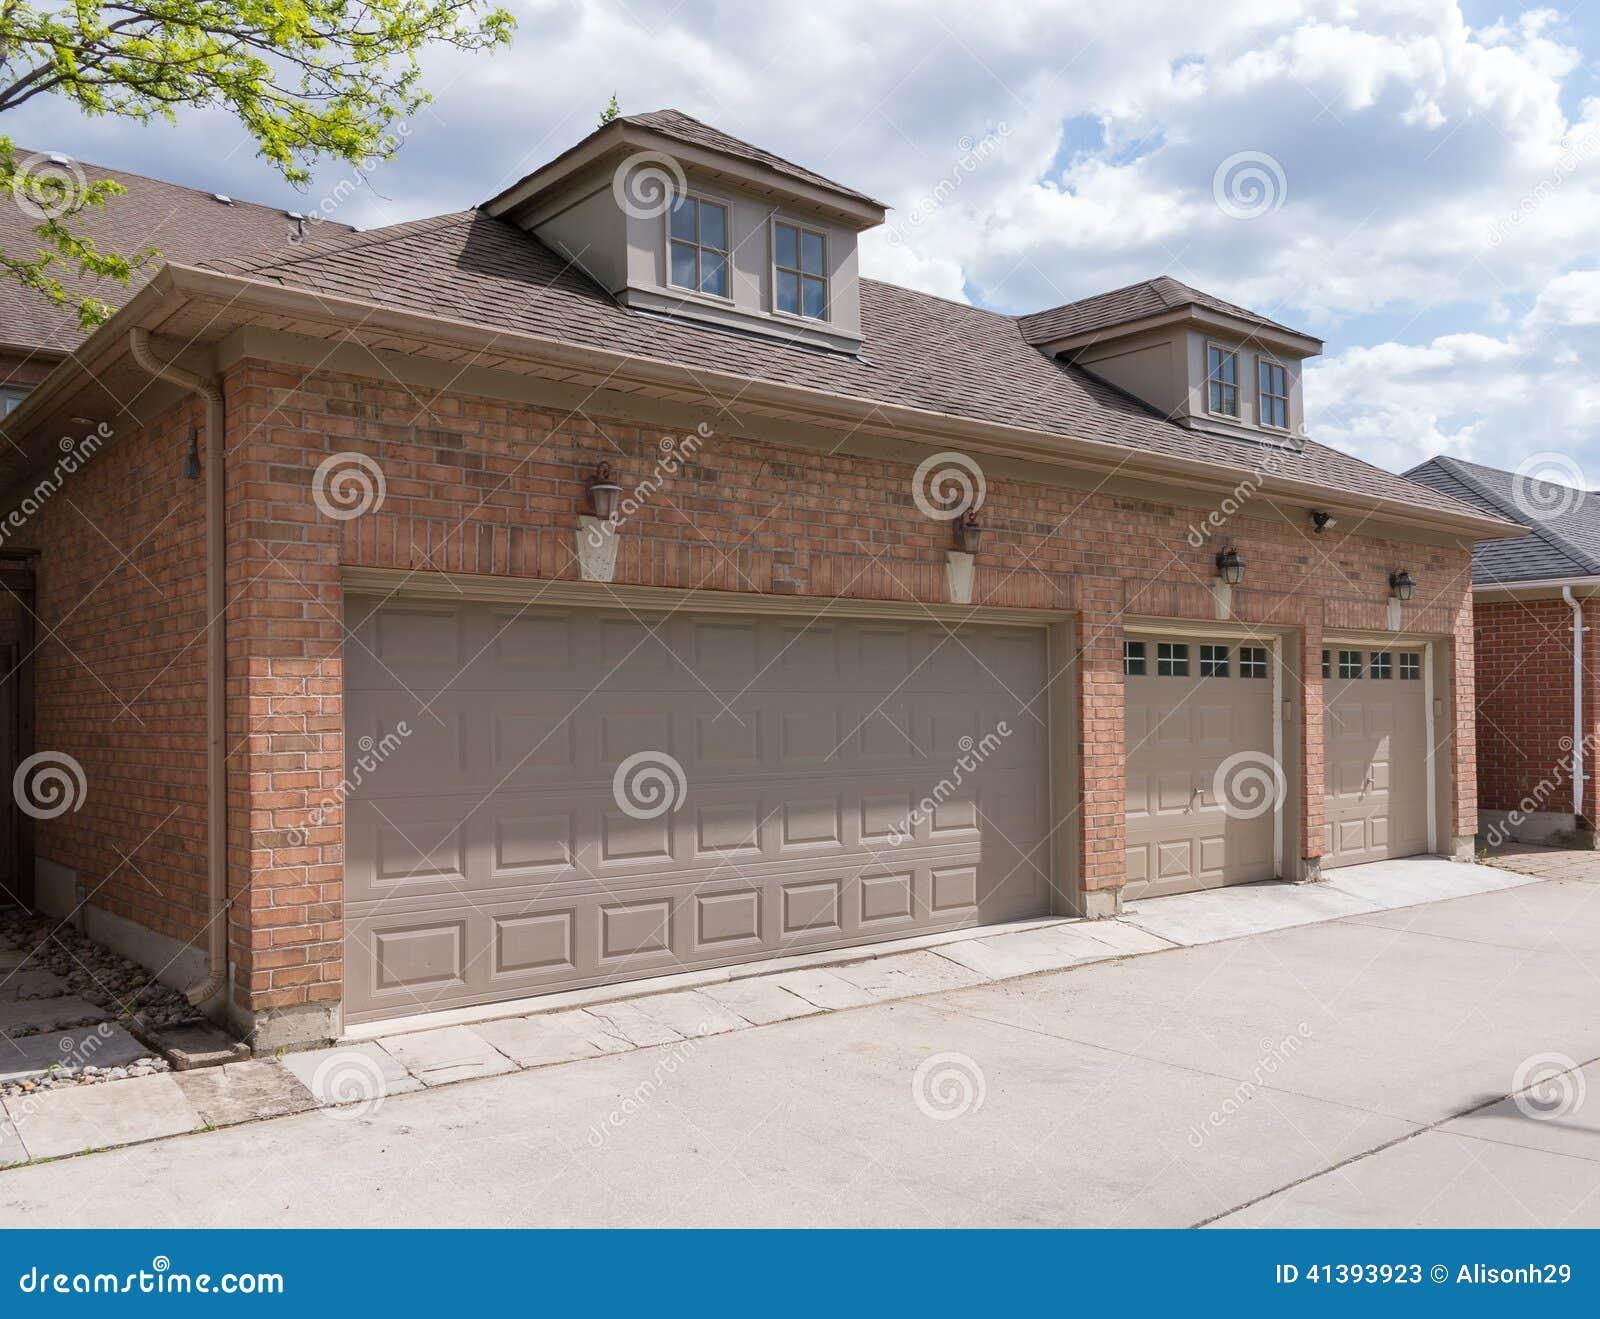 Garage Doors Stock Image Image Of Laneway Storage Brick 41393923